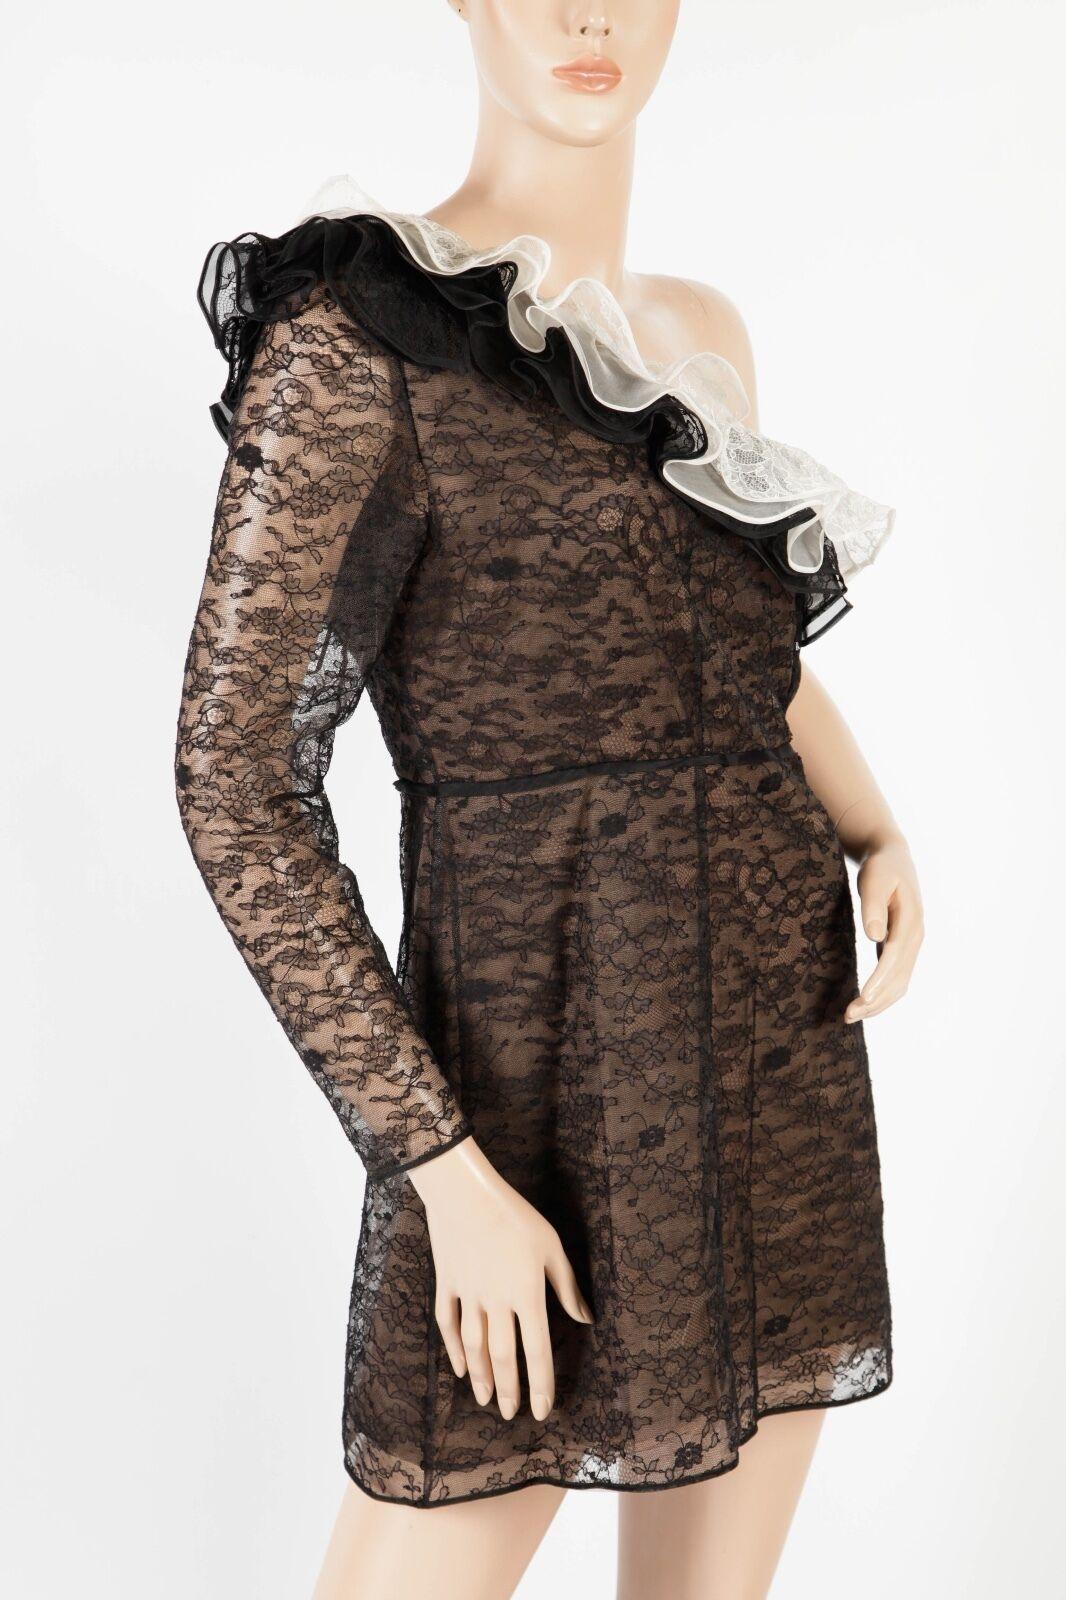 Nuevo con etiquetas VALENTINO –  3,990  Raro Floral encaje de un hombro Vestido de Volantes – Talla 10  precios ultra bajos